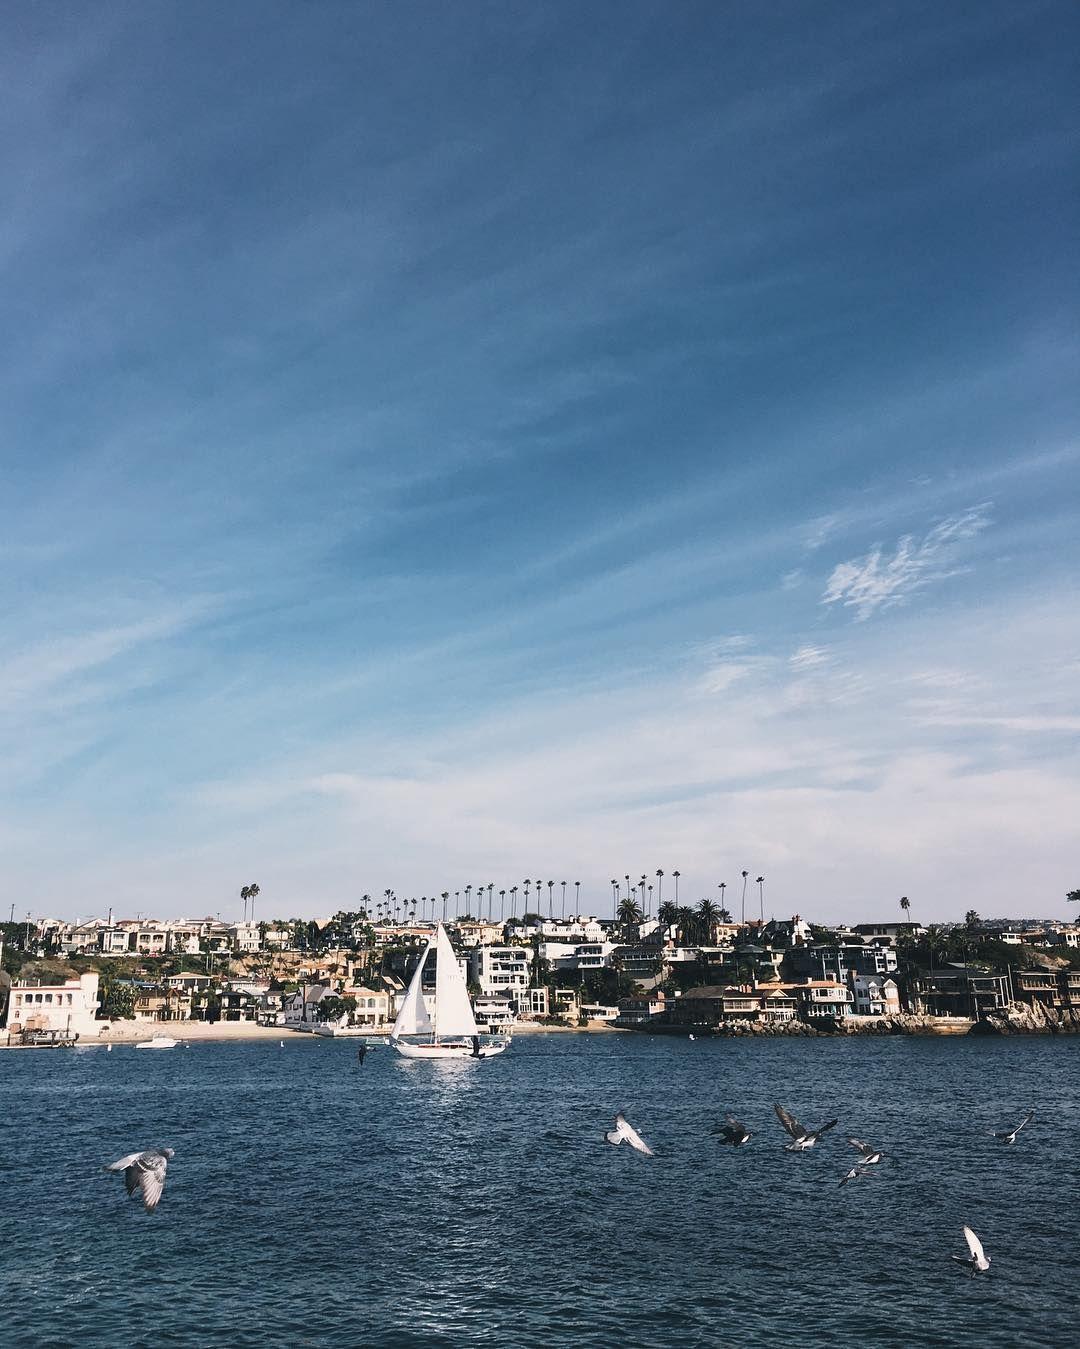 Y mientras por allí ya empezáis a amanecer, por aquí nos vamos a dormir que mañana nos vamos a LA... ¡Buenos días y buenas noches!  #Newportbeach #Californiacbda